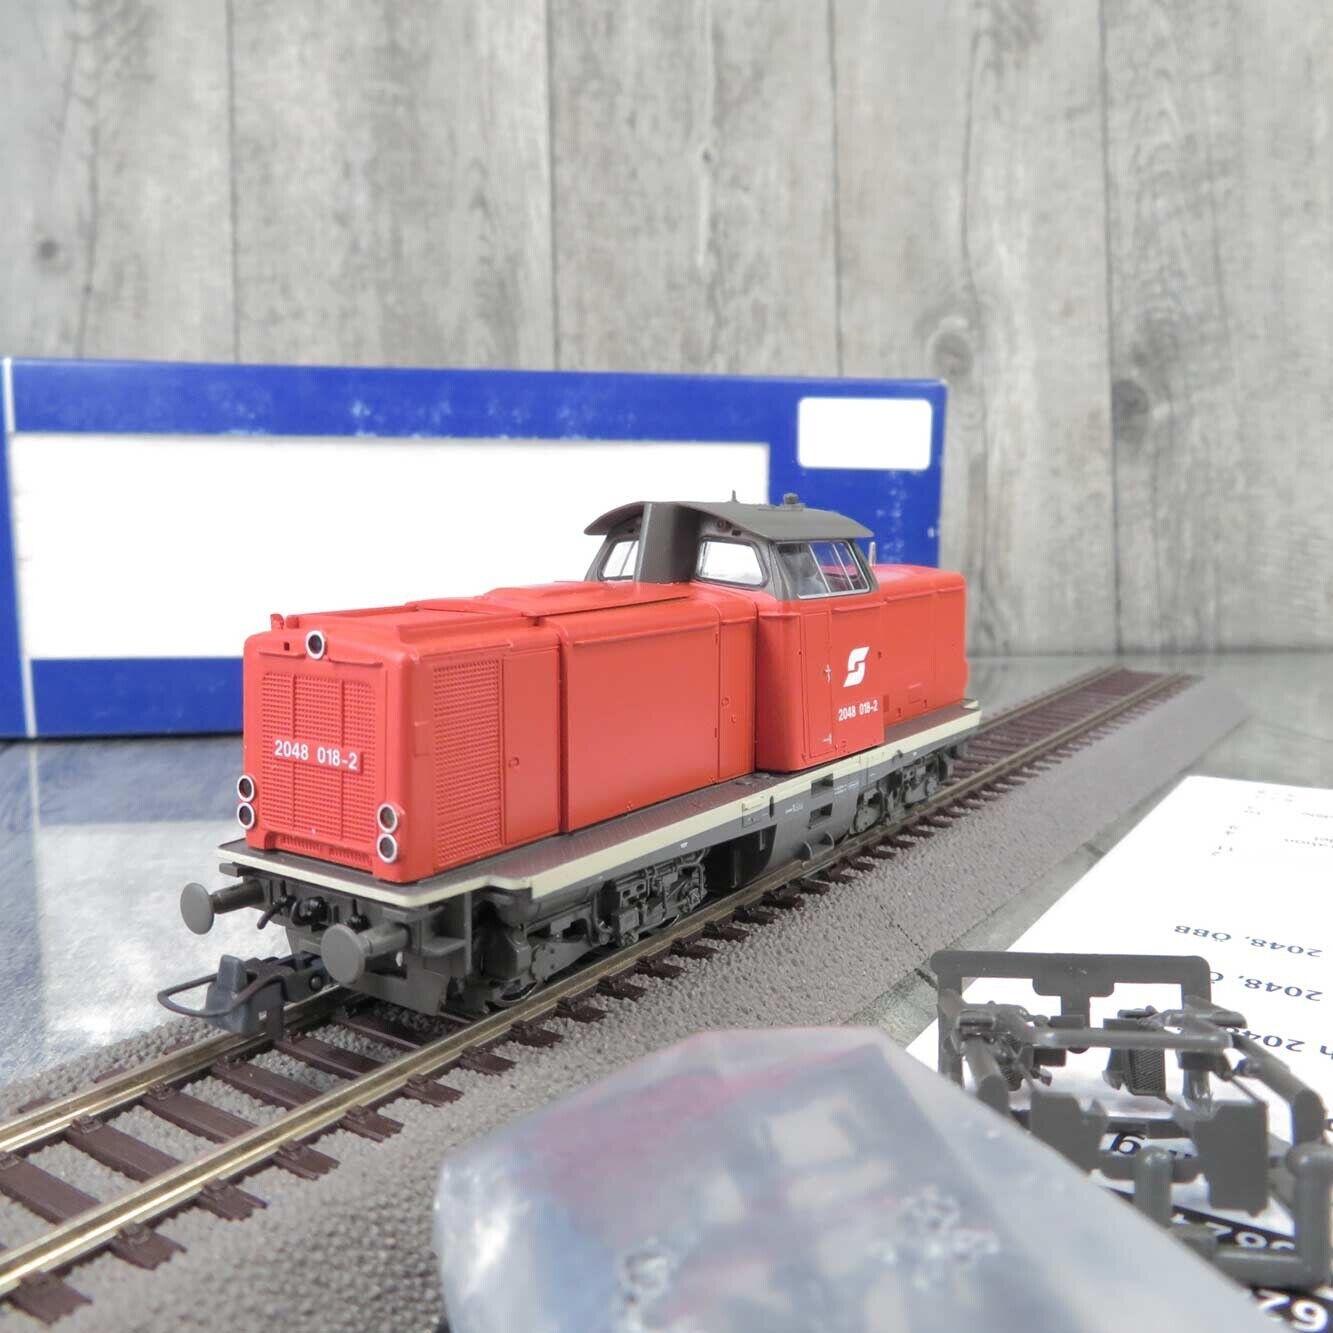 ROCO 62823 - H0 - Diesellok - ÖBB 2048 018-2 - Digital - OVP -  G24696